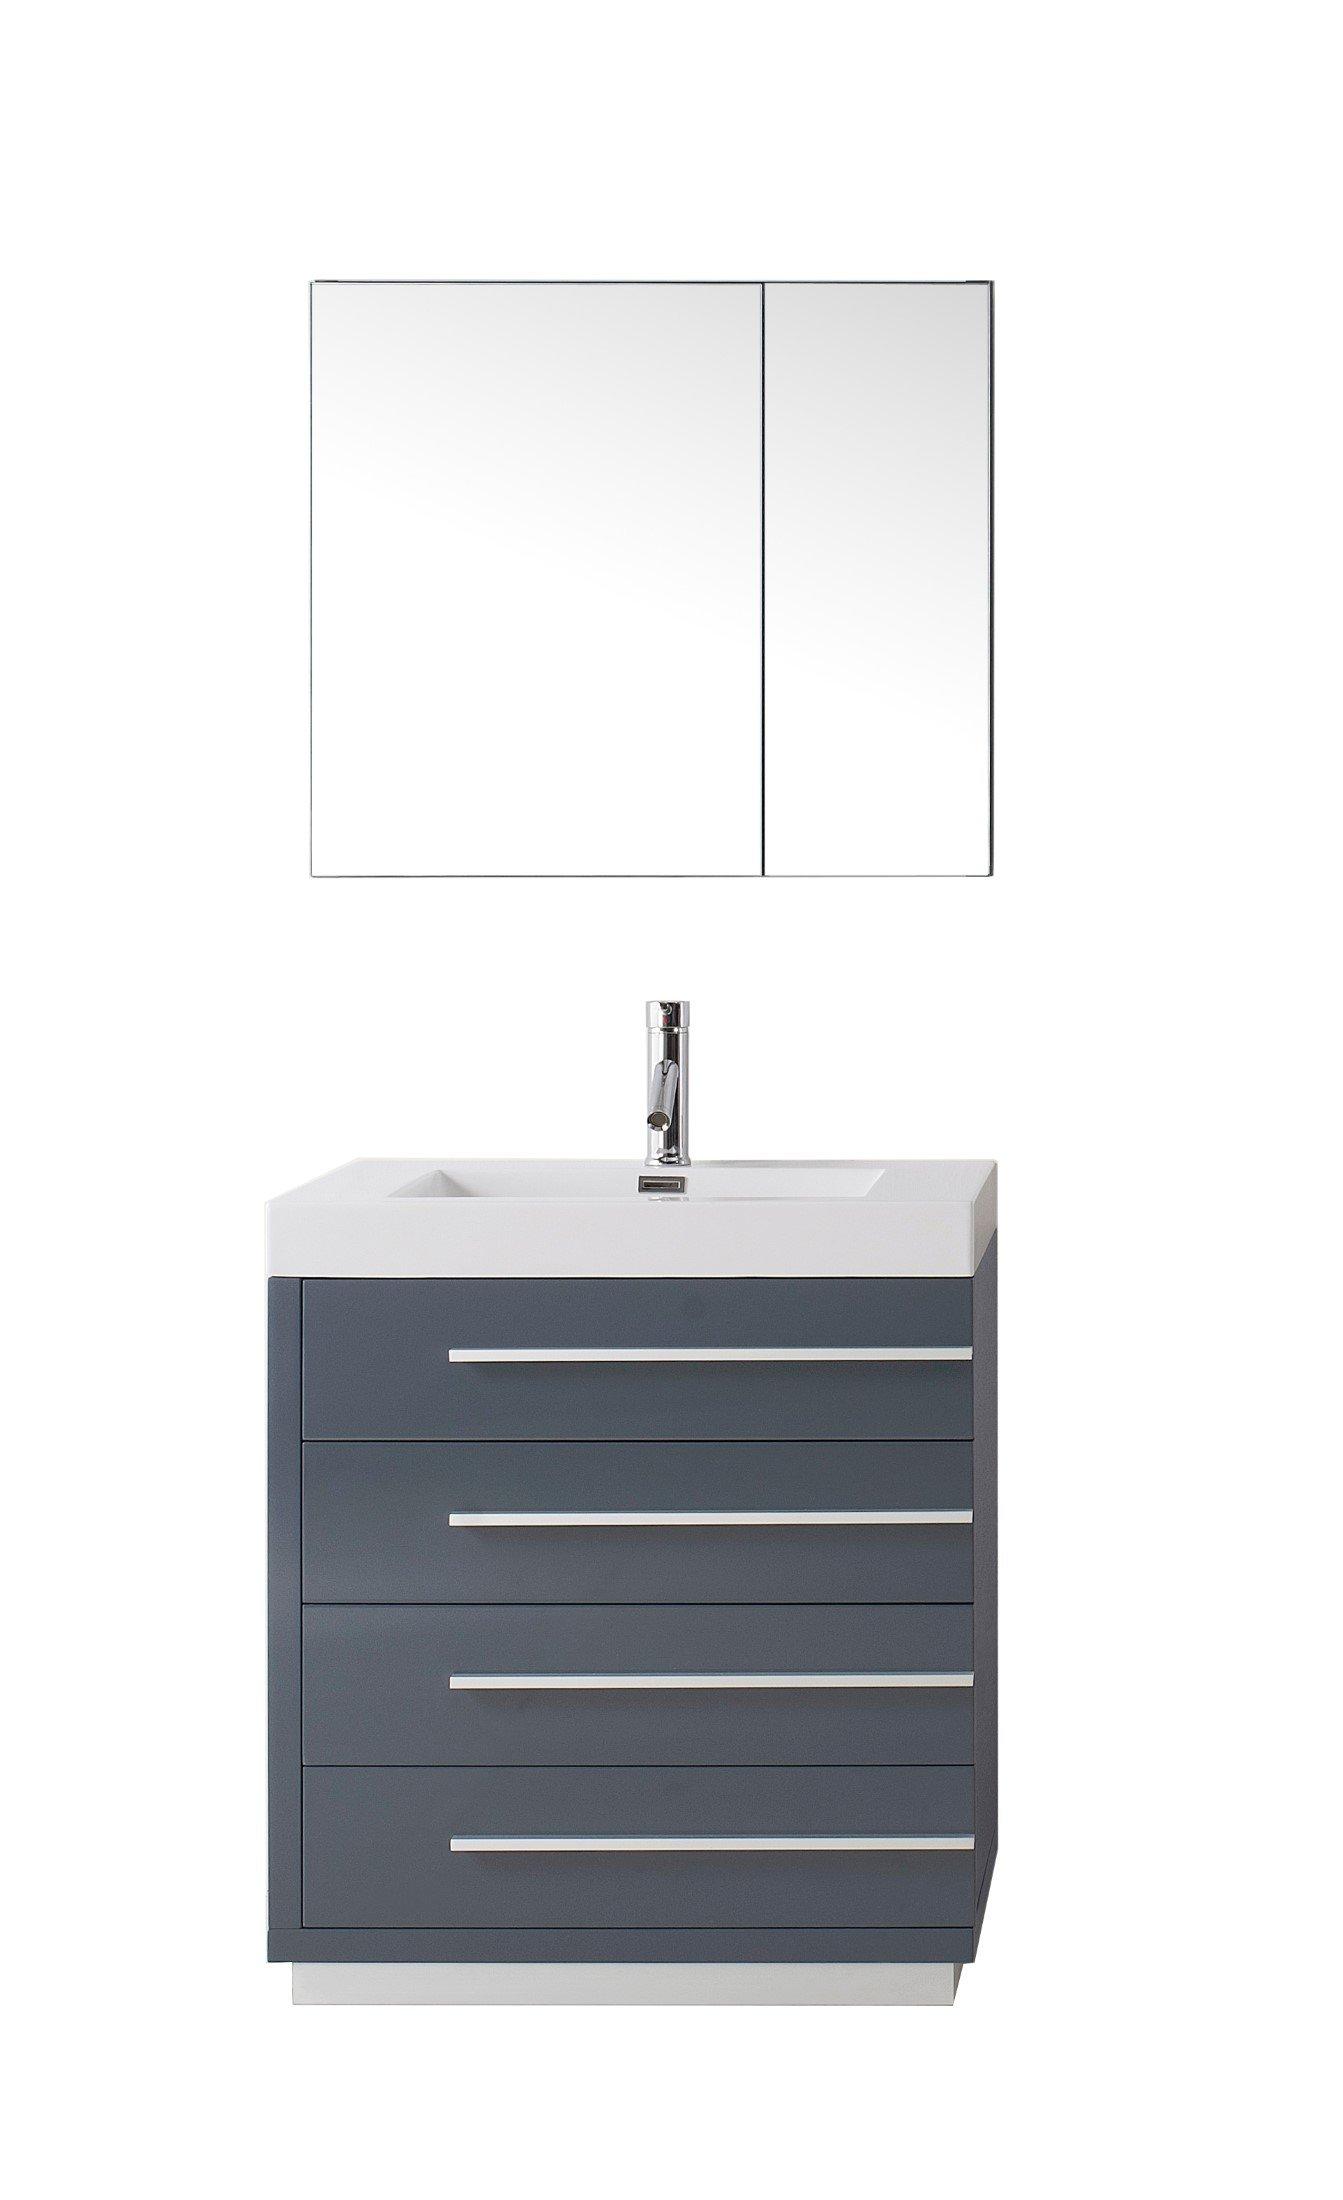 Virtu USA JS-50530-GR Modern 30-Inch Single Sink Bathroom Vanity Set with Polished Chrome Faucet, Grey